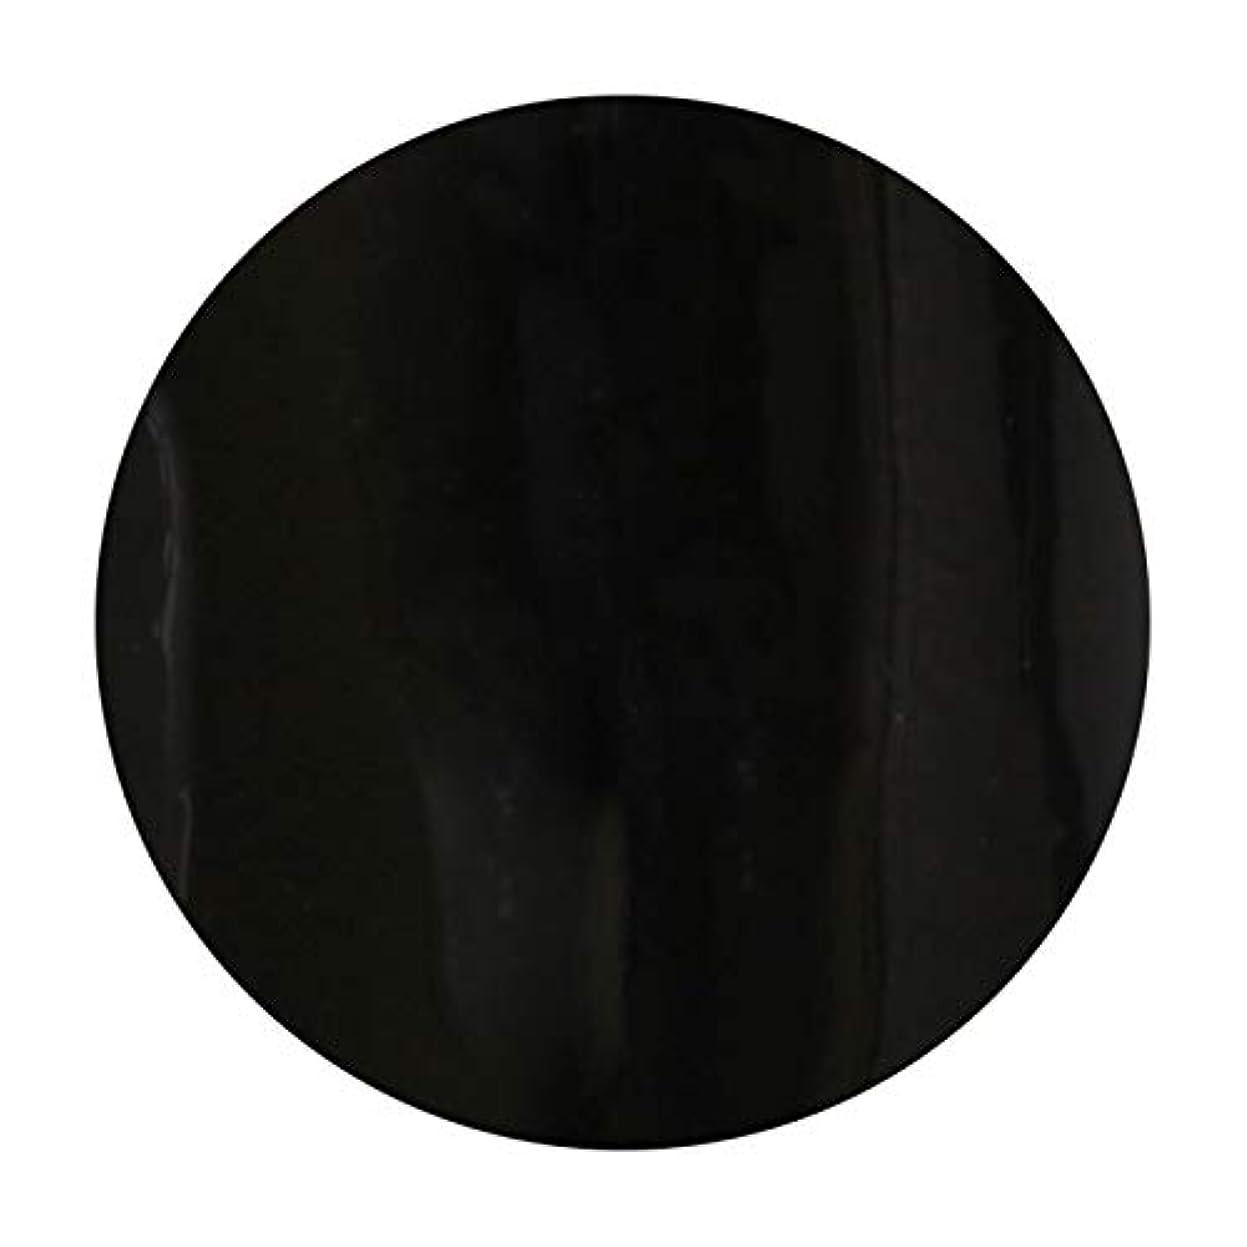 スコットランド人廃棄する胚T-GEL COLLECTION ティージェル カラージェル D219 ブラックライナーEX 4ml